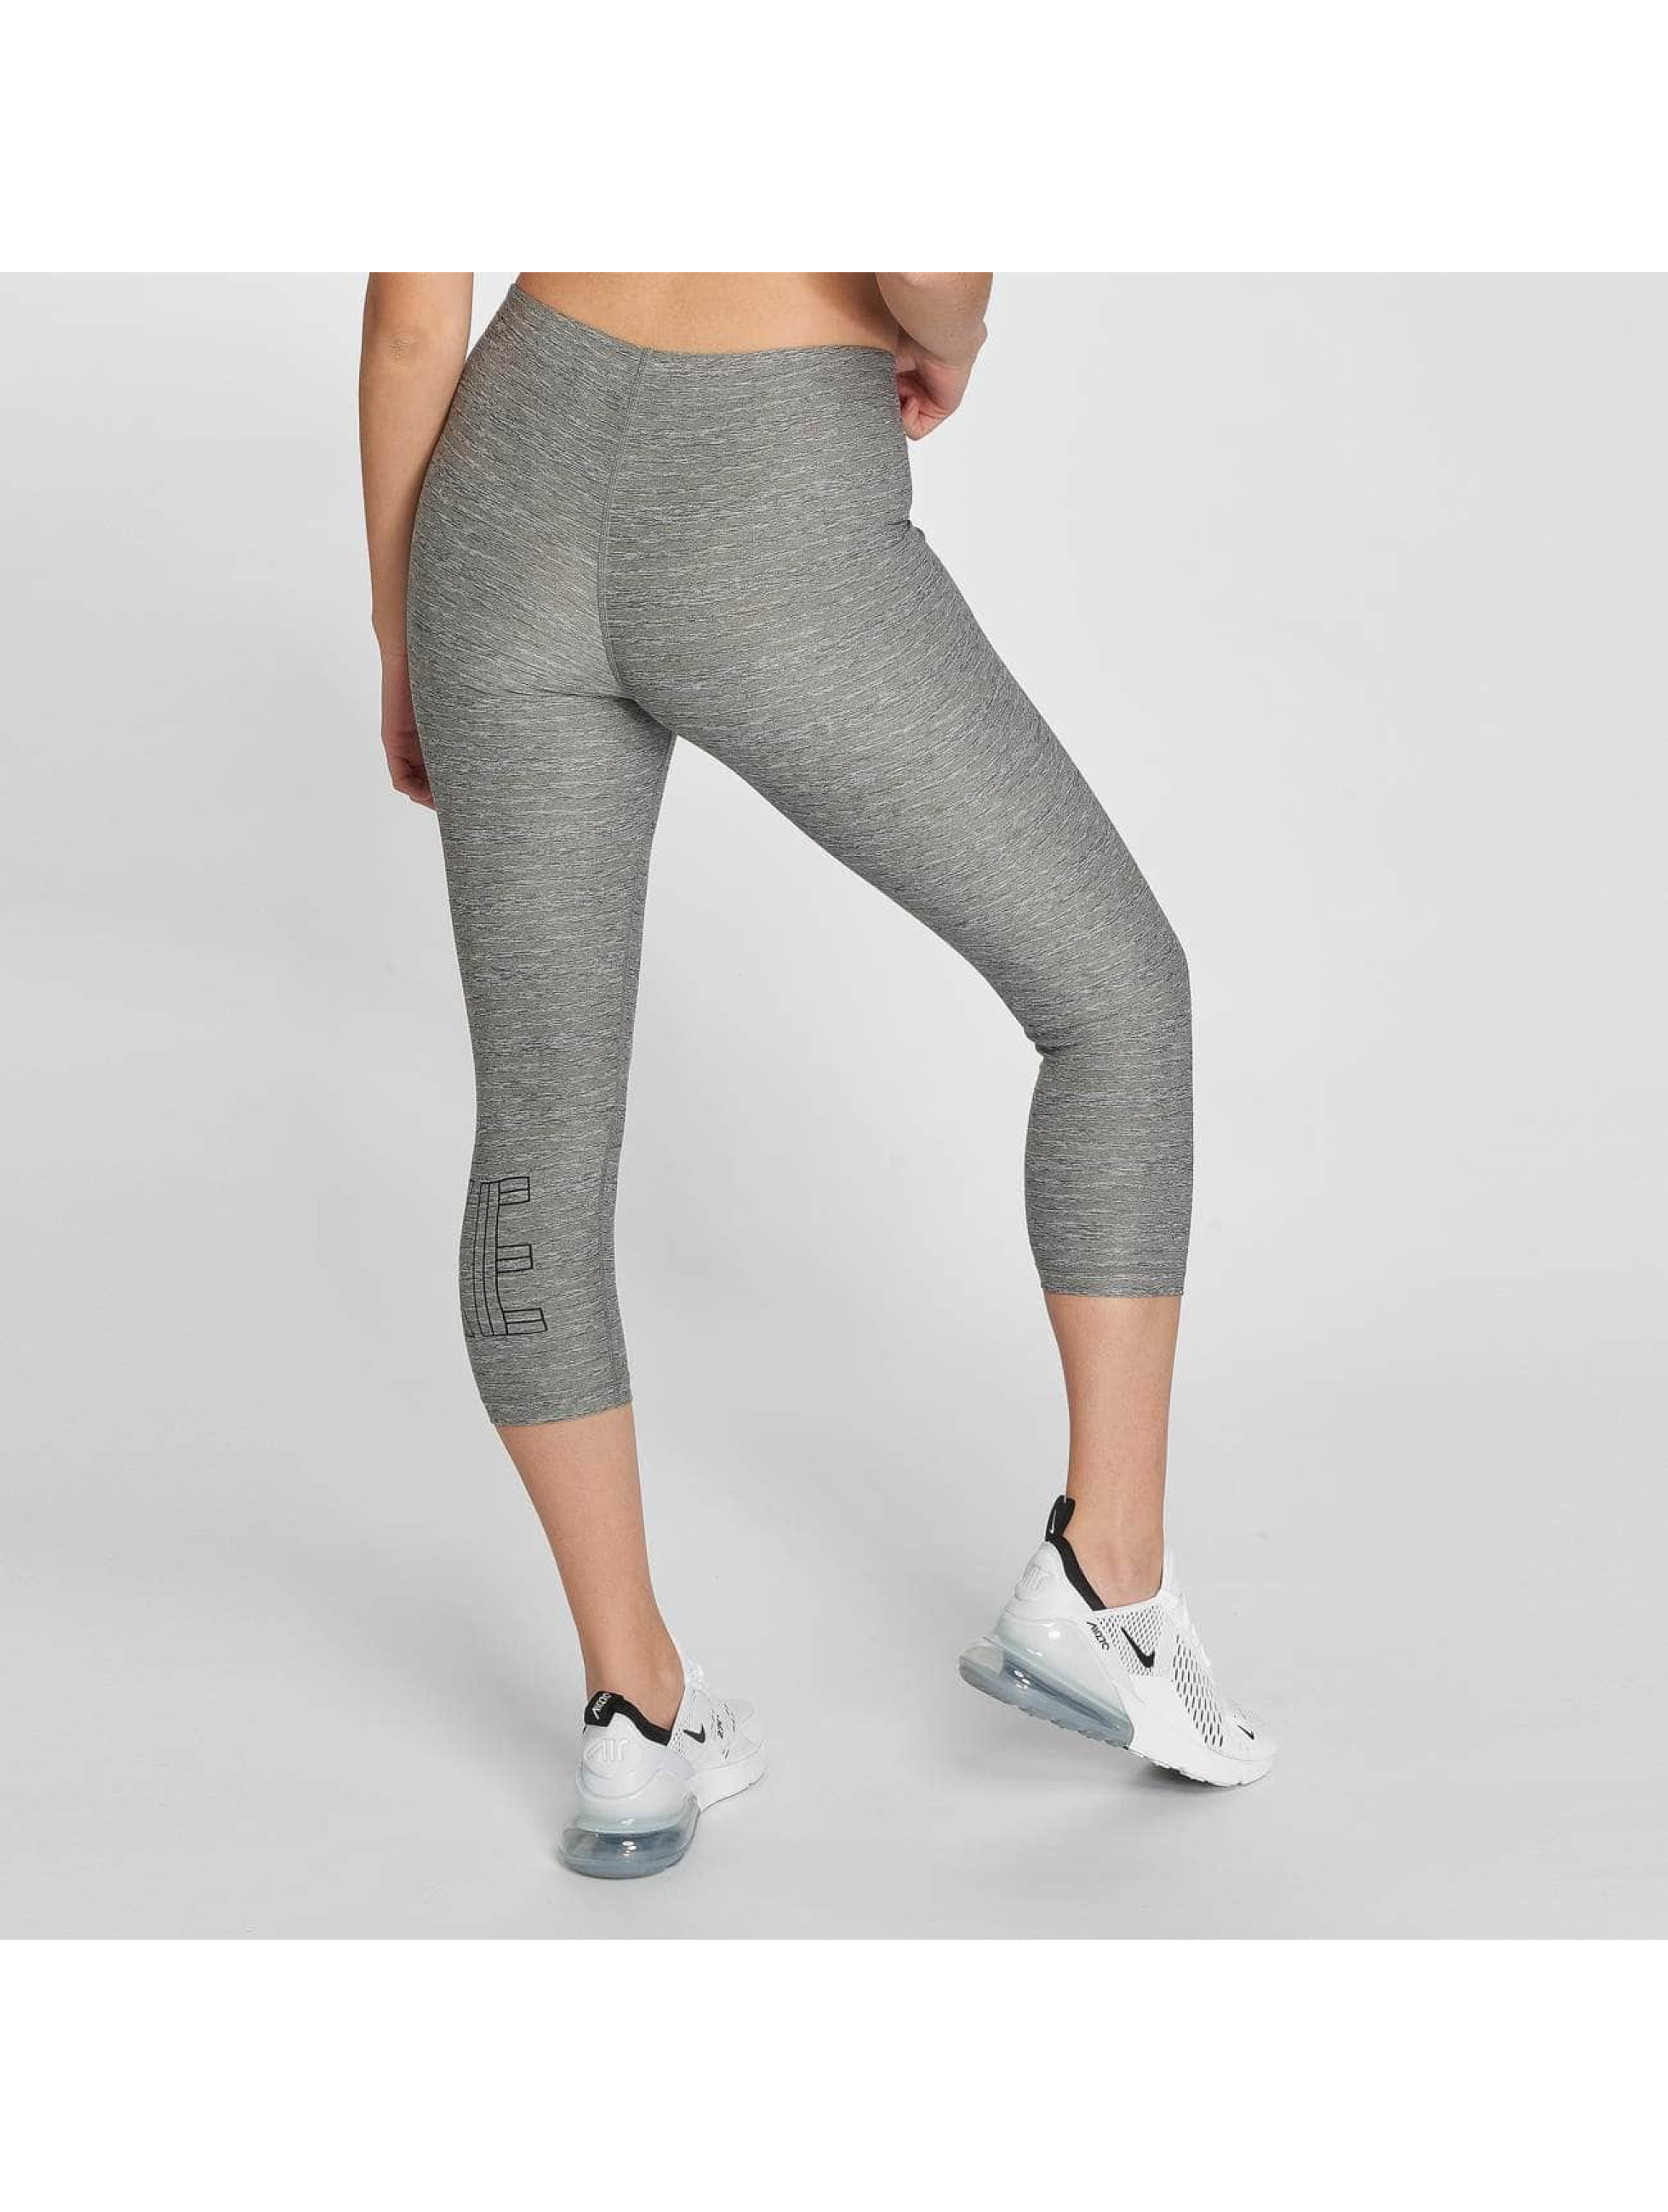 Nike Performance Legging Pro Capri grijs